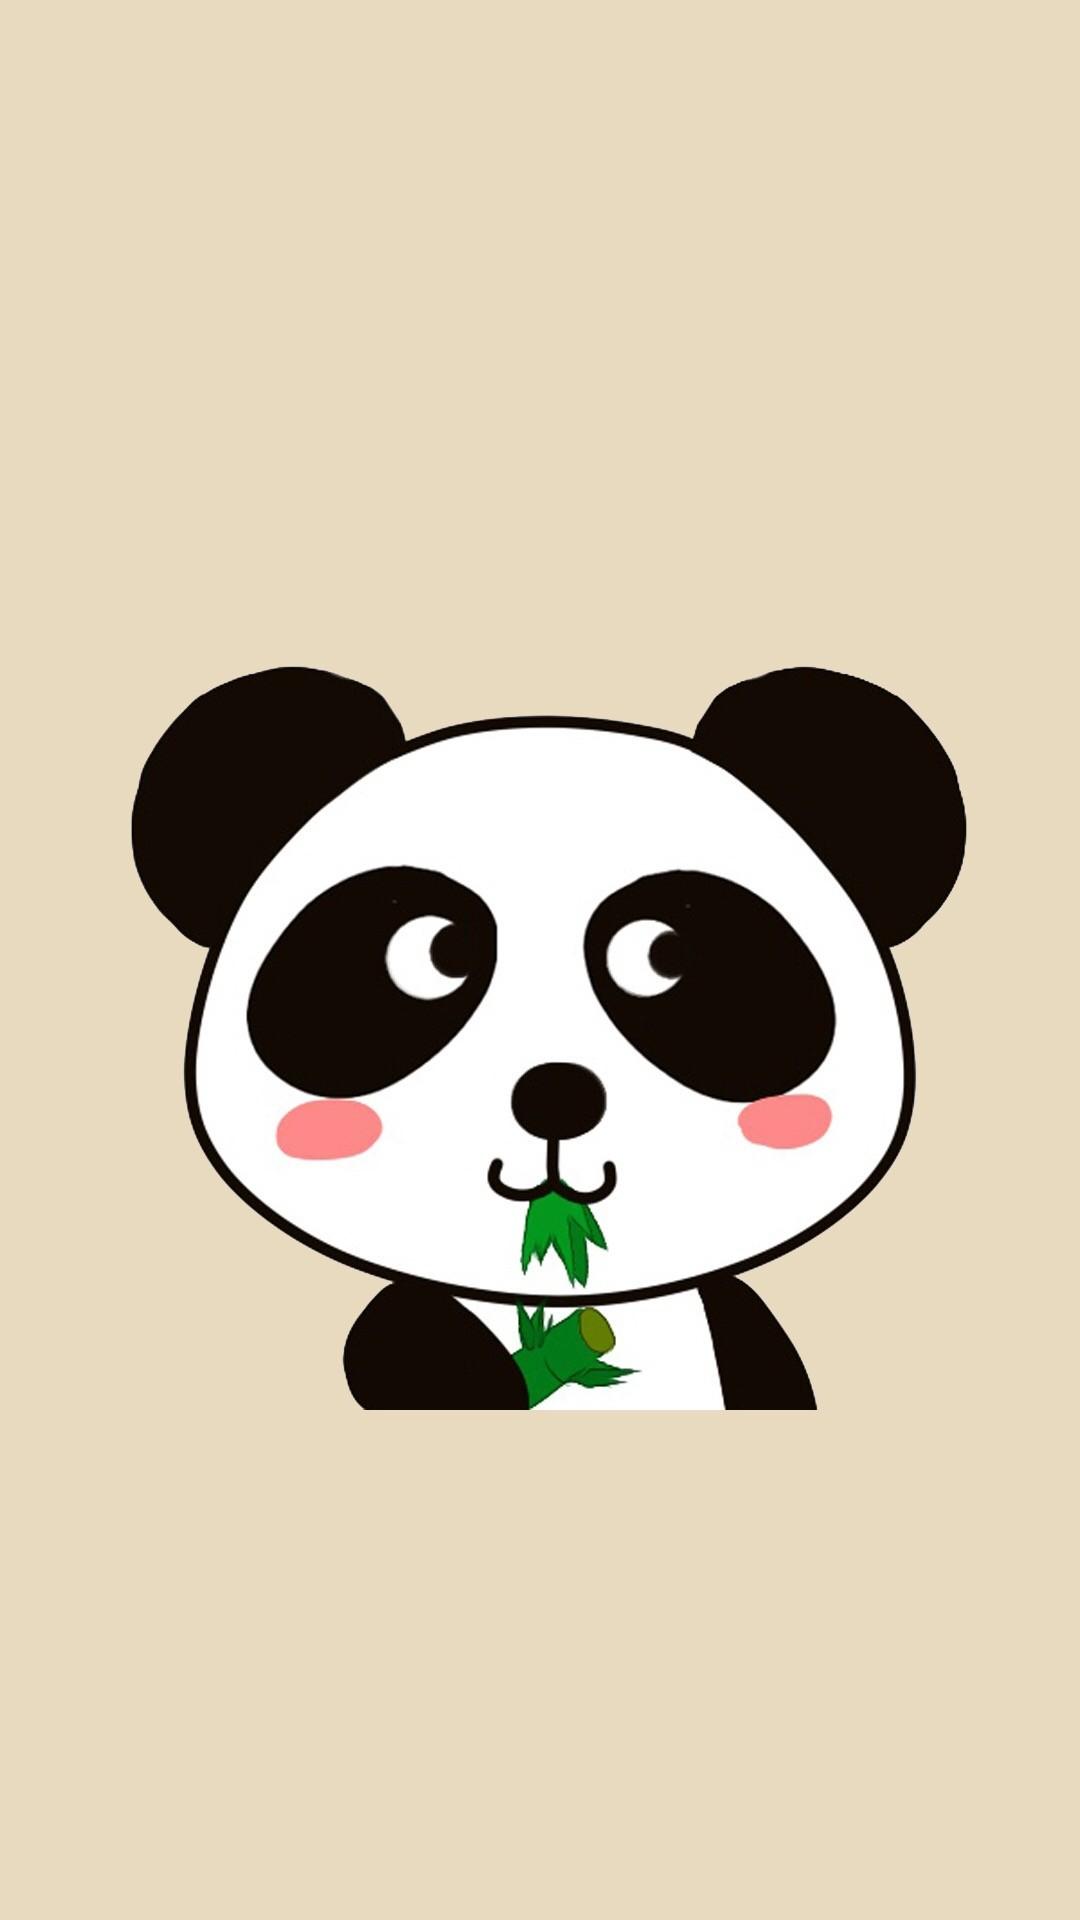 Kawaii panda bear wallpaper